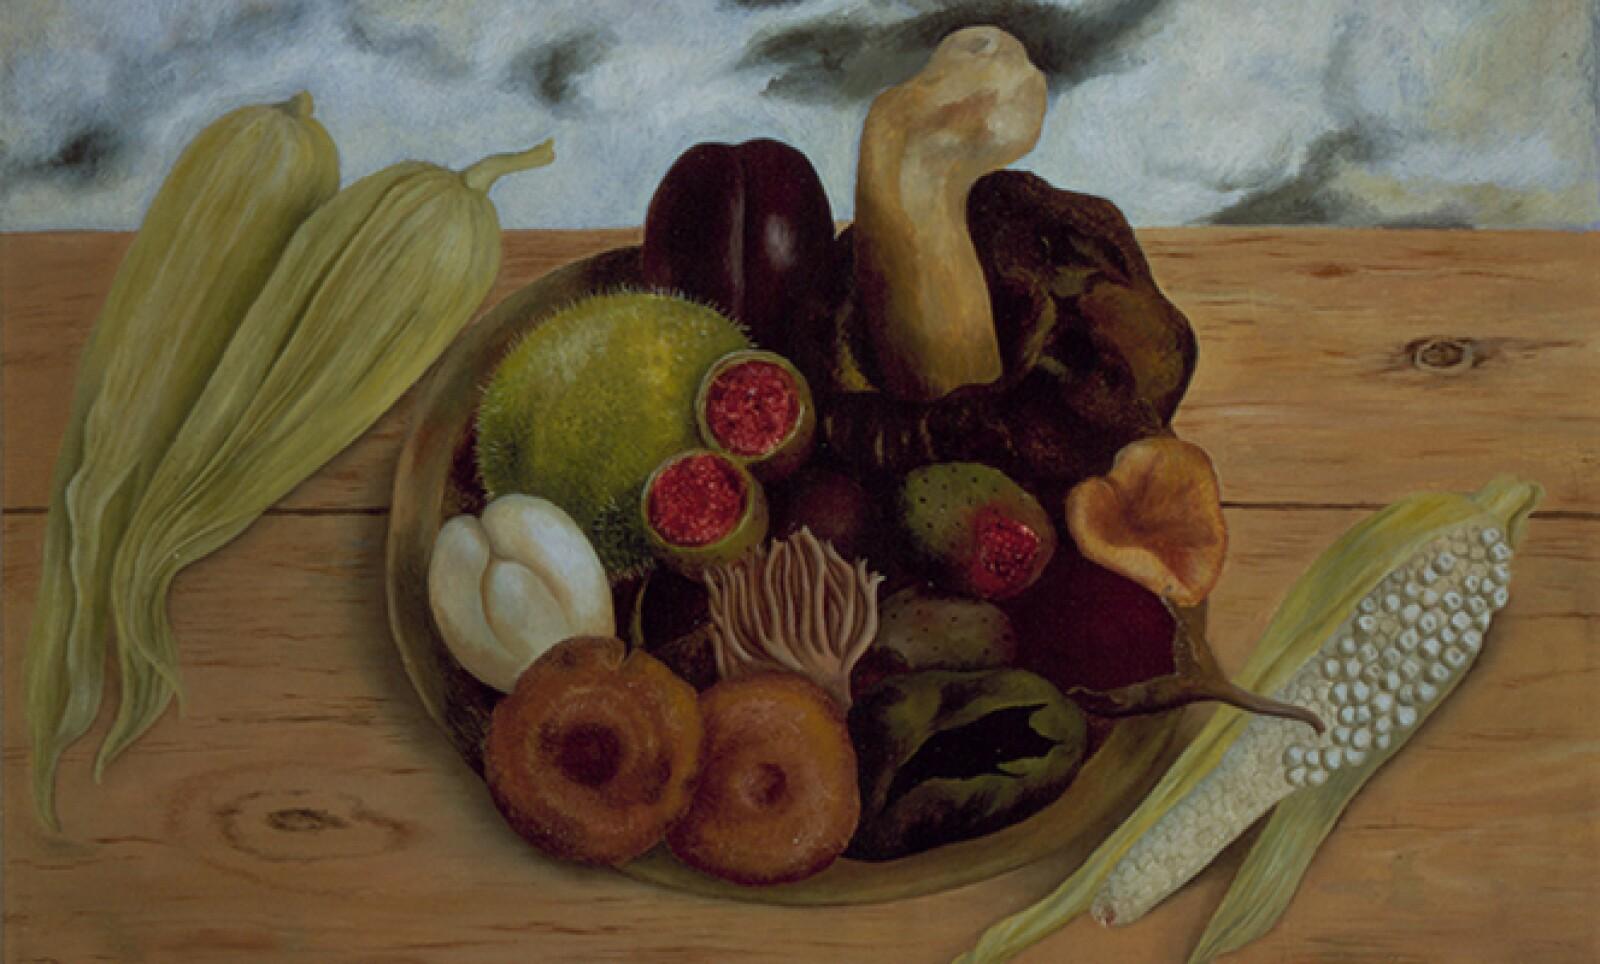 La década de 1930 vio muchos artistas apegados a las vanguardias contemporáneas, como el surrealismo y la abstracción. Leonora Carrington y Remedios Varo permitieron la producción de obras como las de Frida Kahlo.